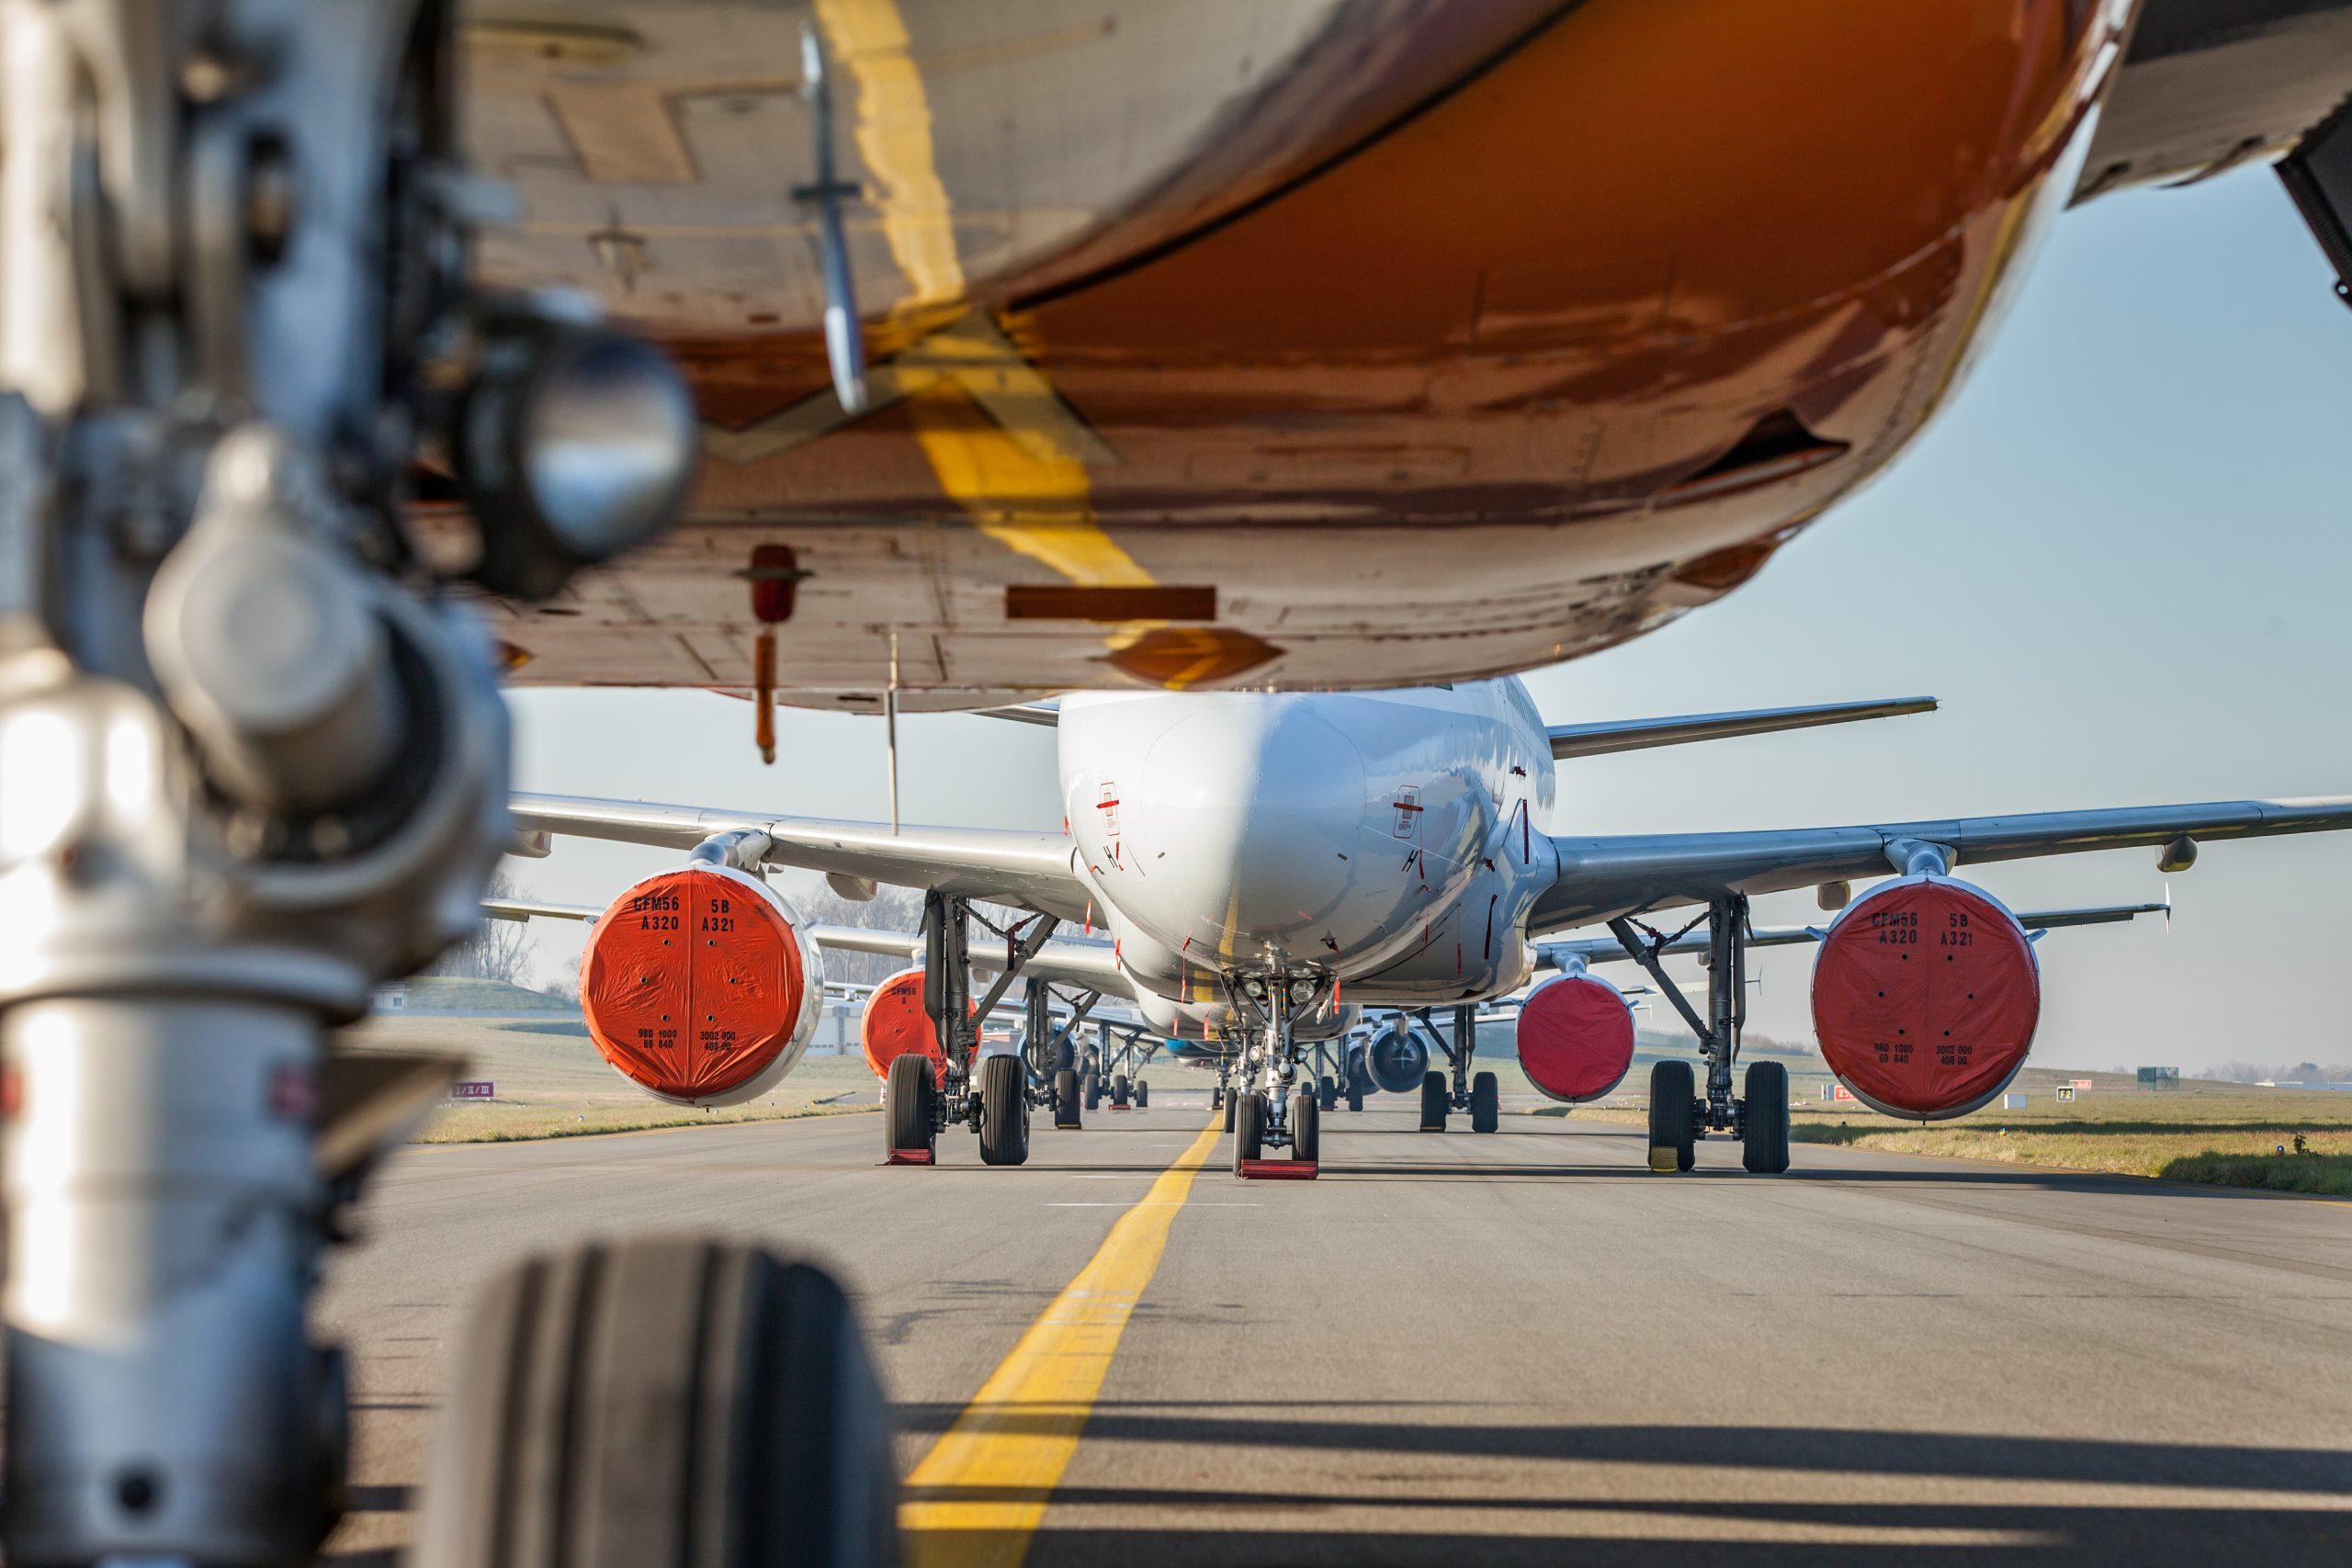 Verdens grænser er lukket på ubestemt tid som følge af coronakrisen. Hvornår grænsebommene går op og for eksempel flyene igen kan lette i større omfang, vides endnu ikke. Arkivpressefoto fra Brussels Airlines.